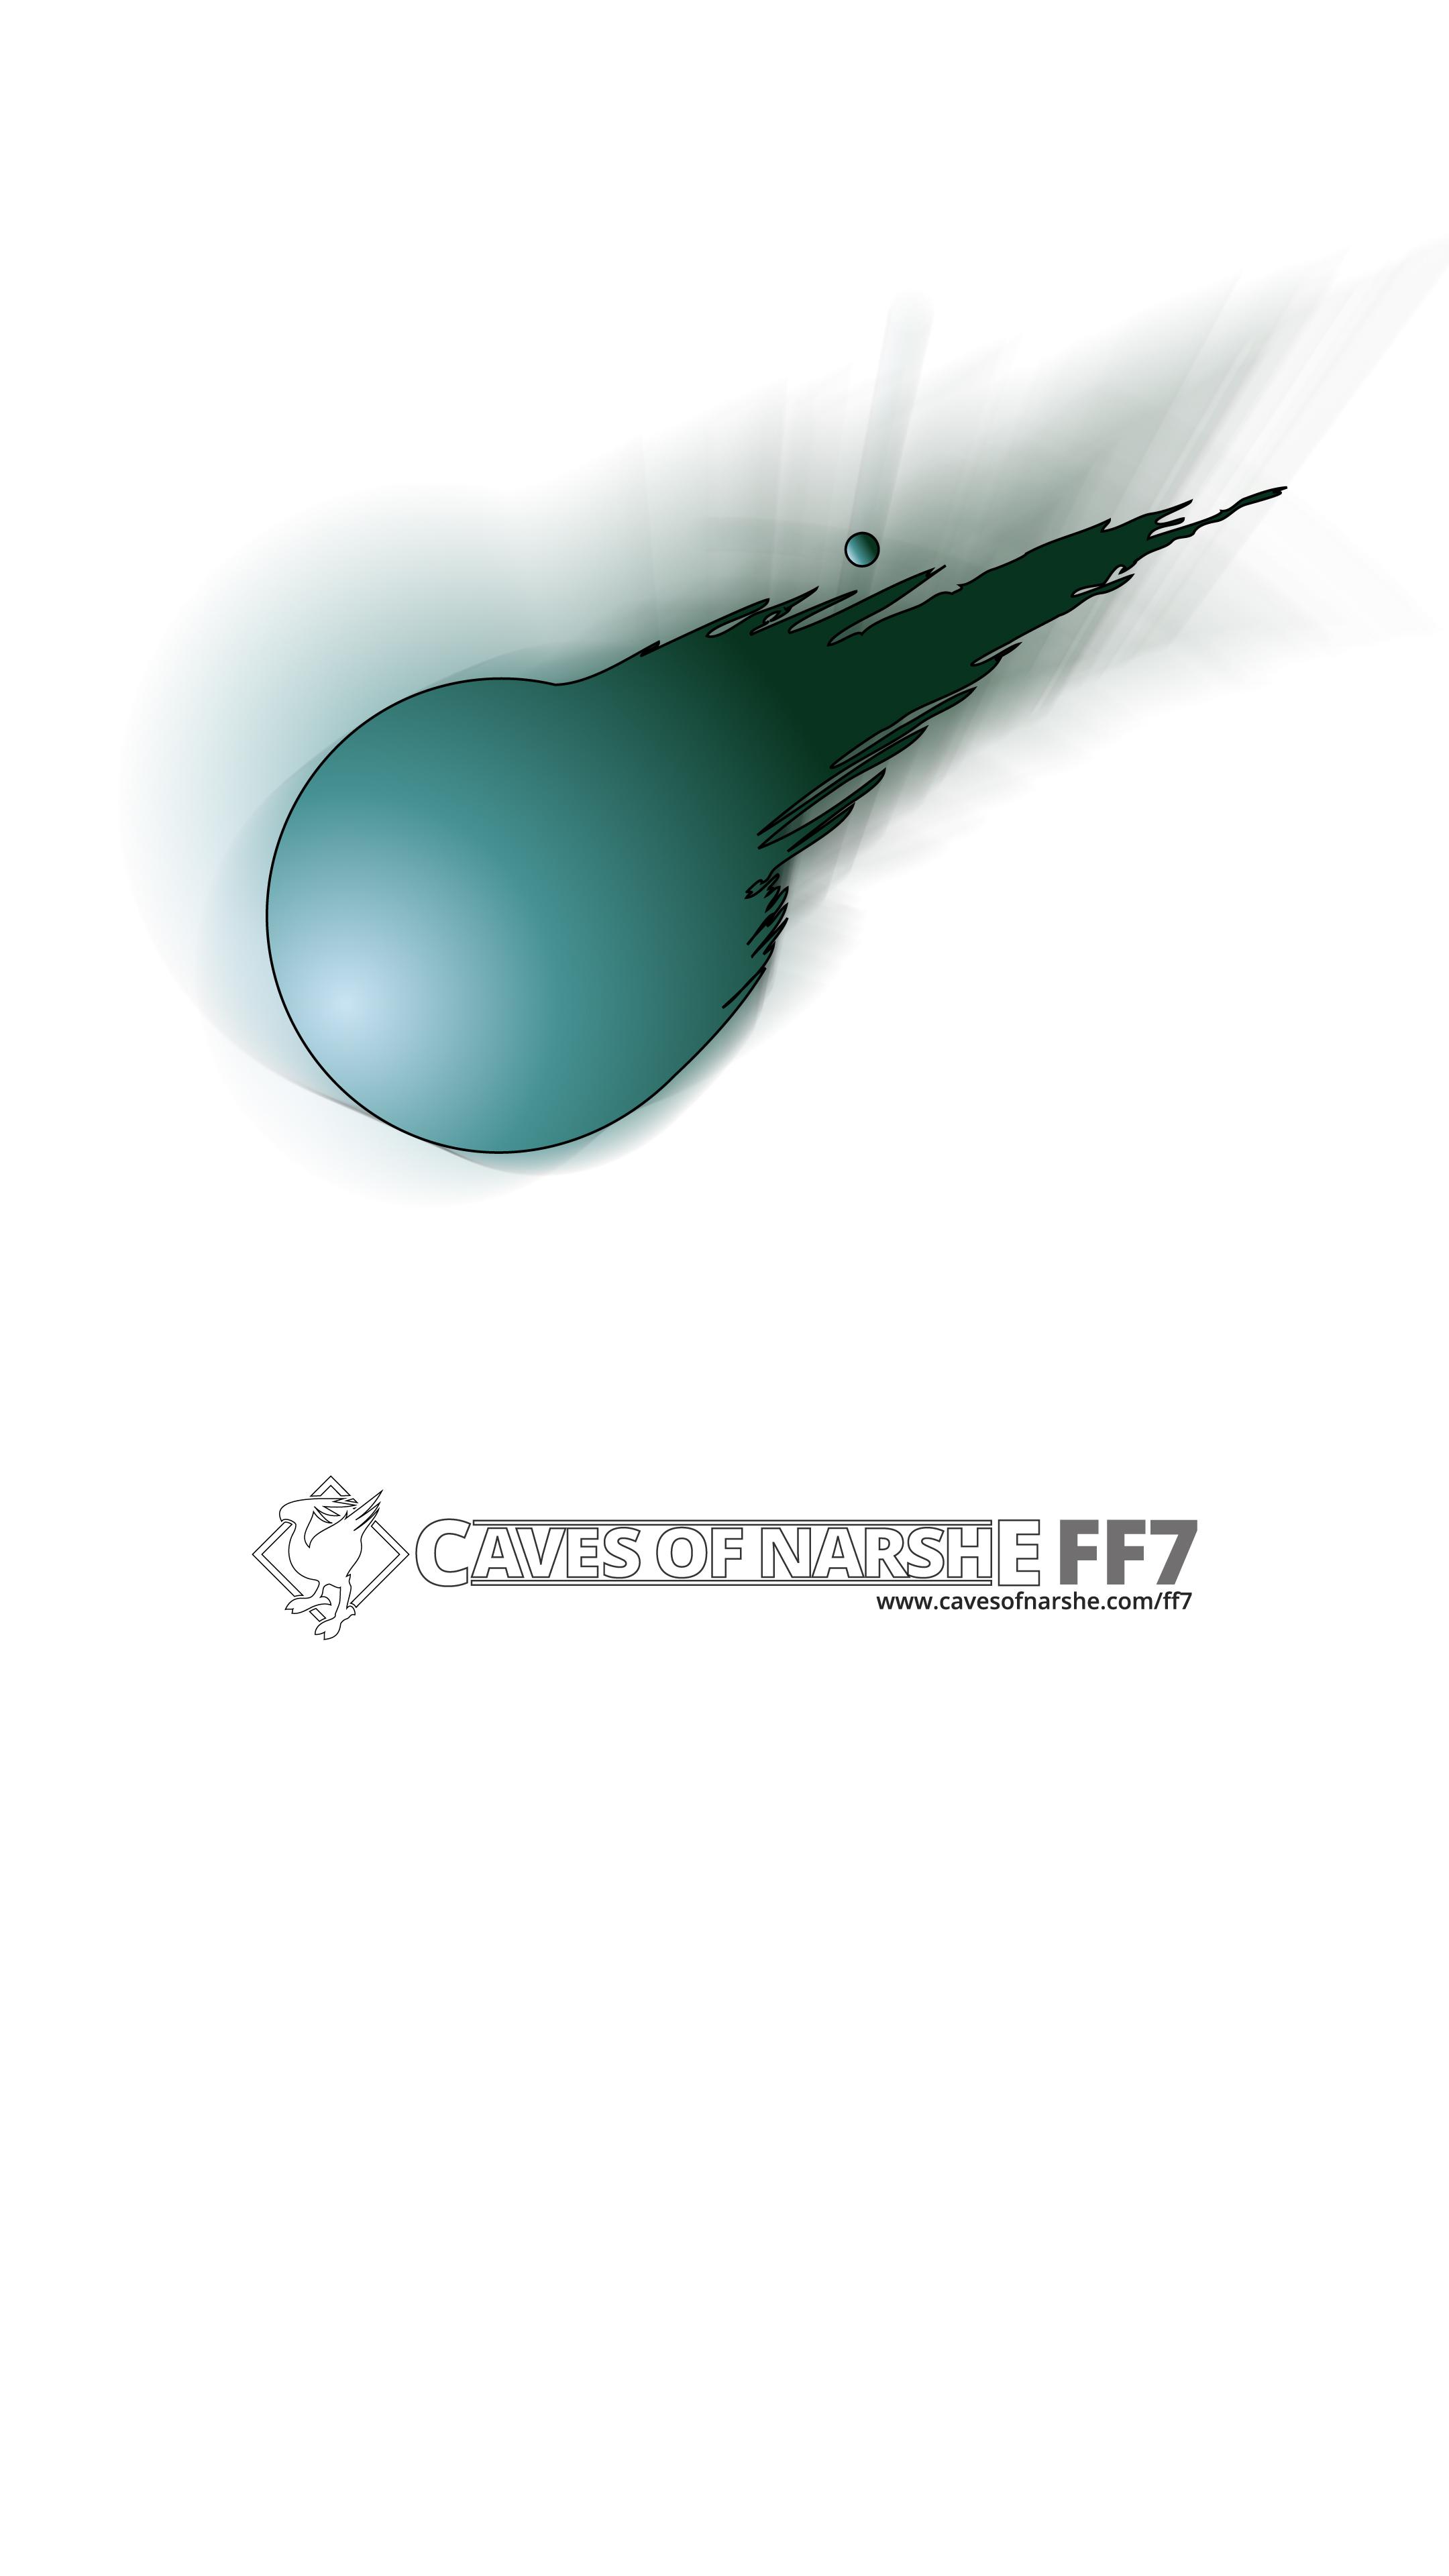 Final Fantasy VII Wallpaper Desktop Backgrounds Caves Of Narshe